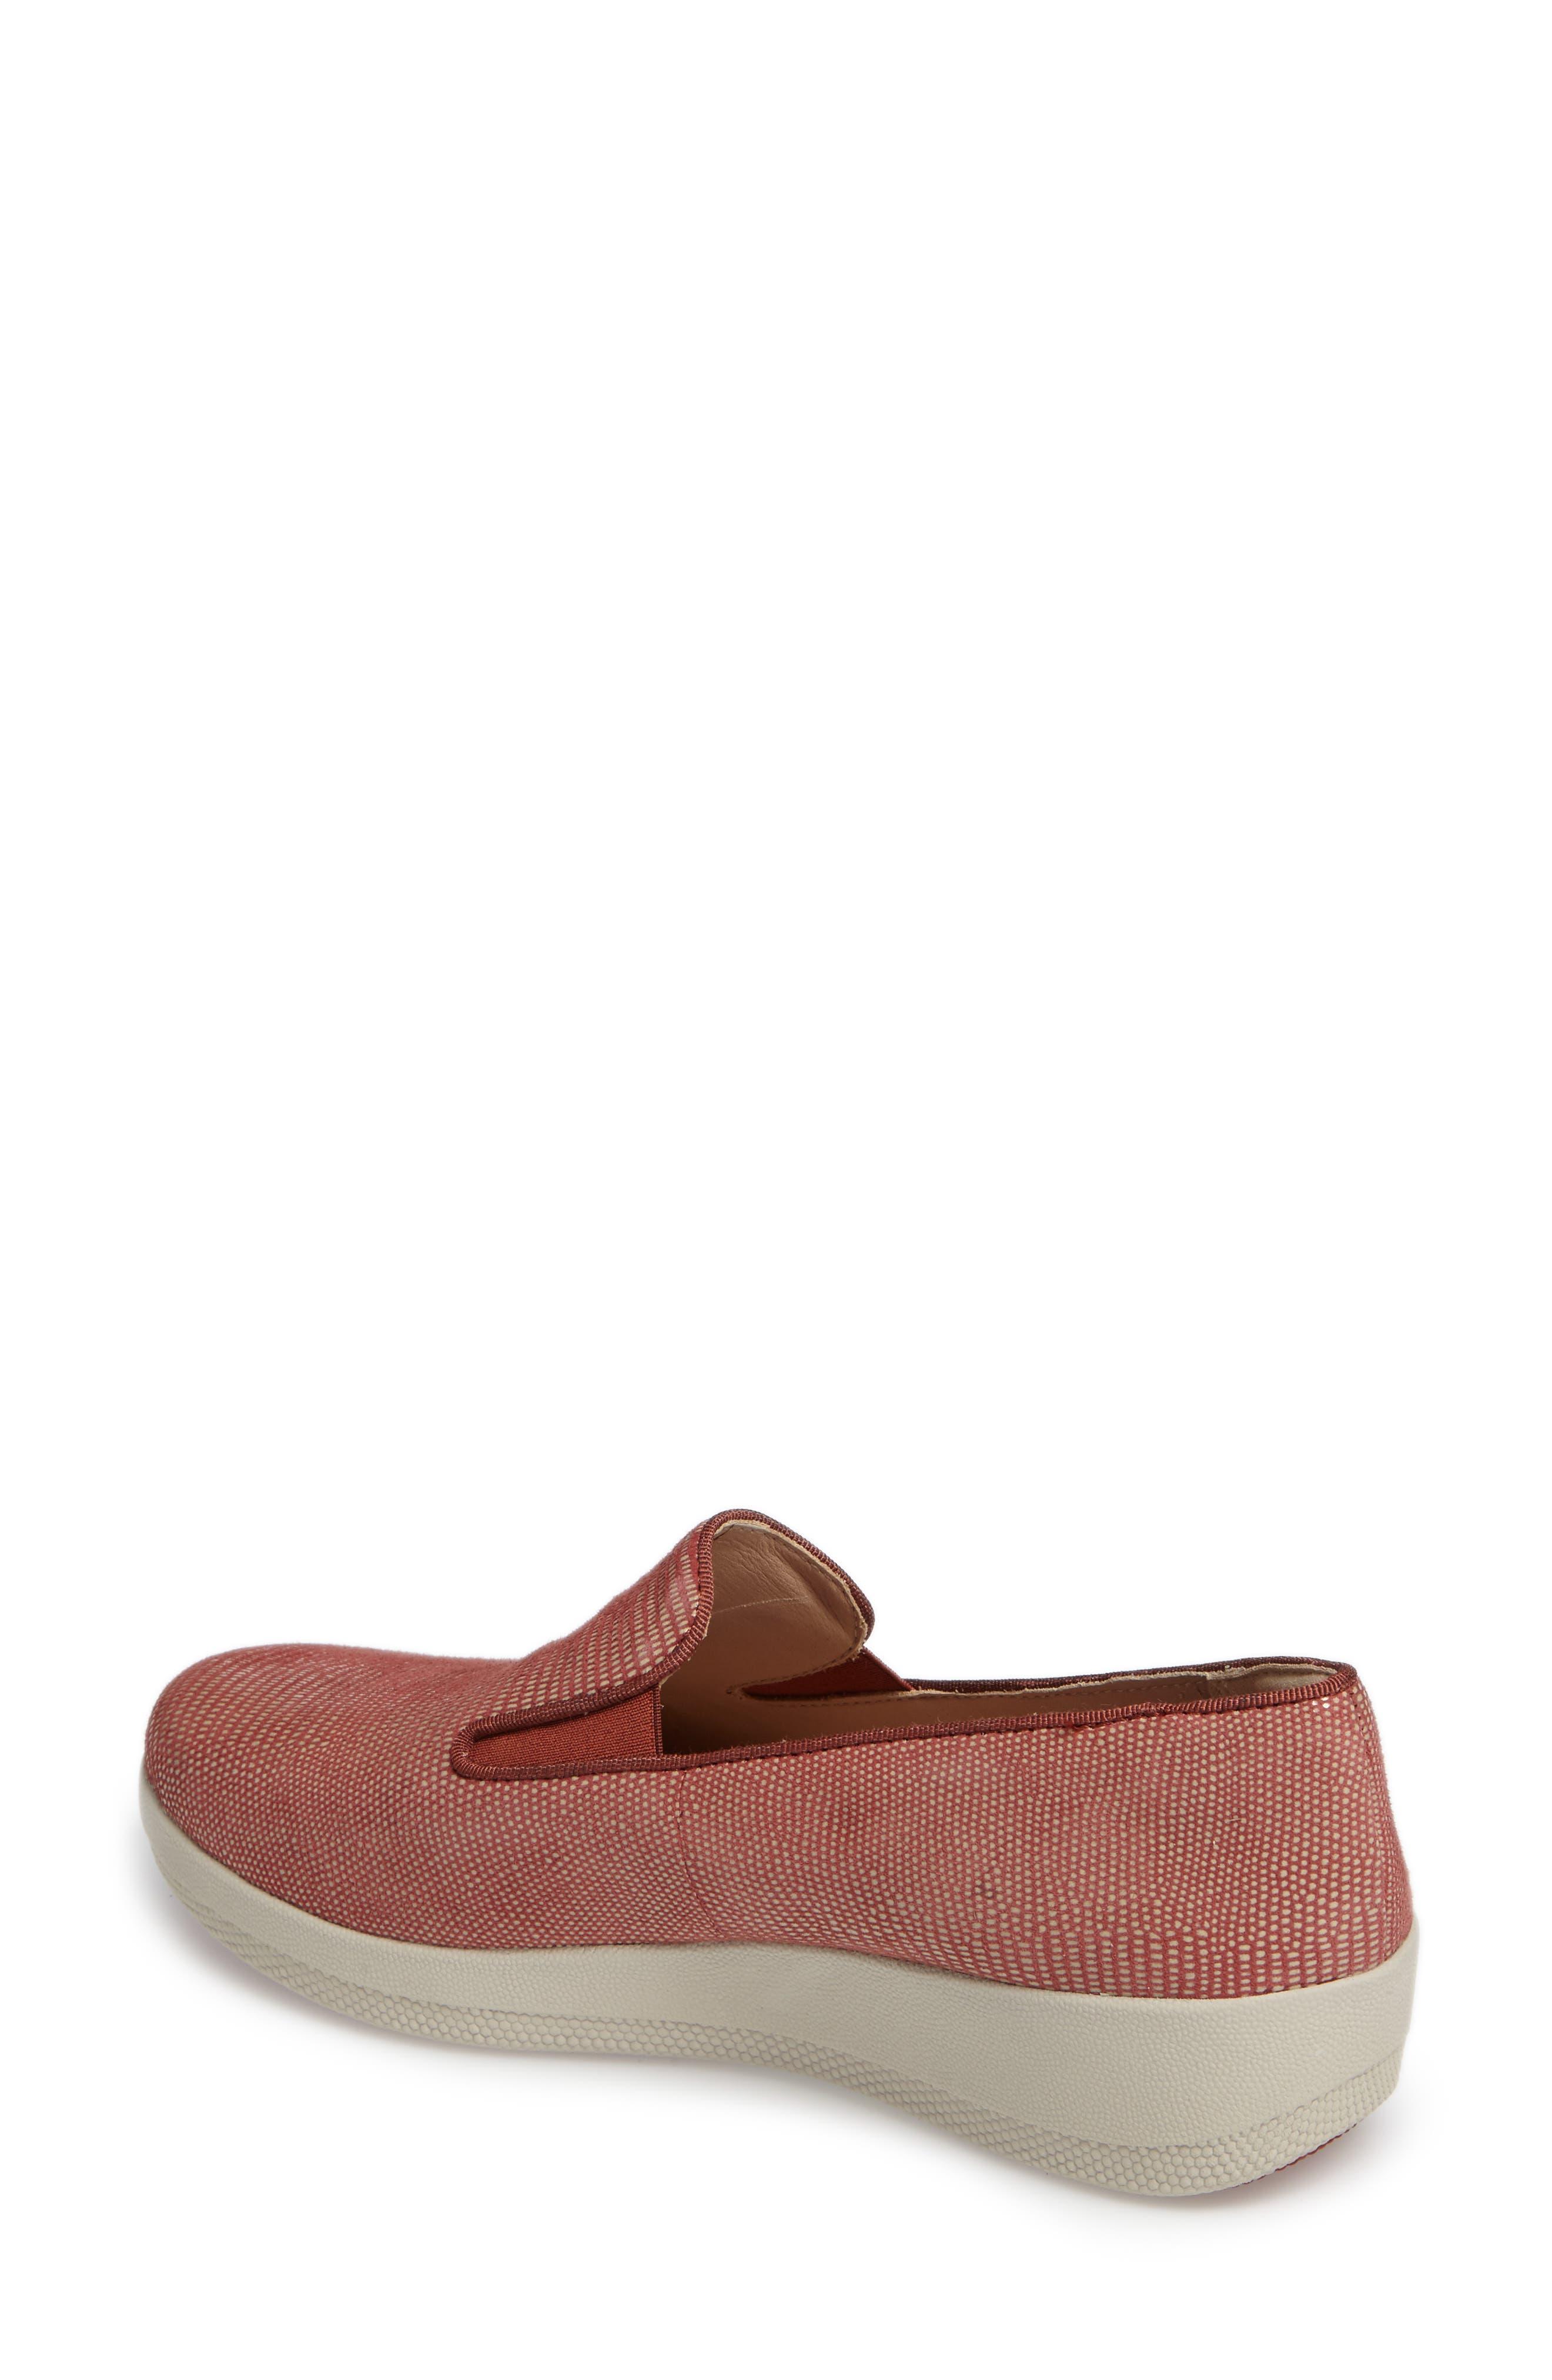 Superskate Slip-On Sneaker,                             Alternate thumbnail 38, color,